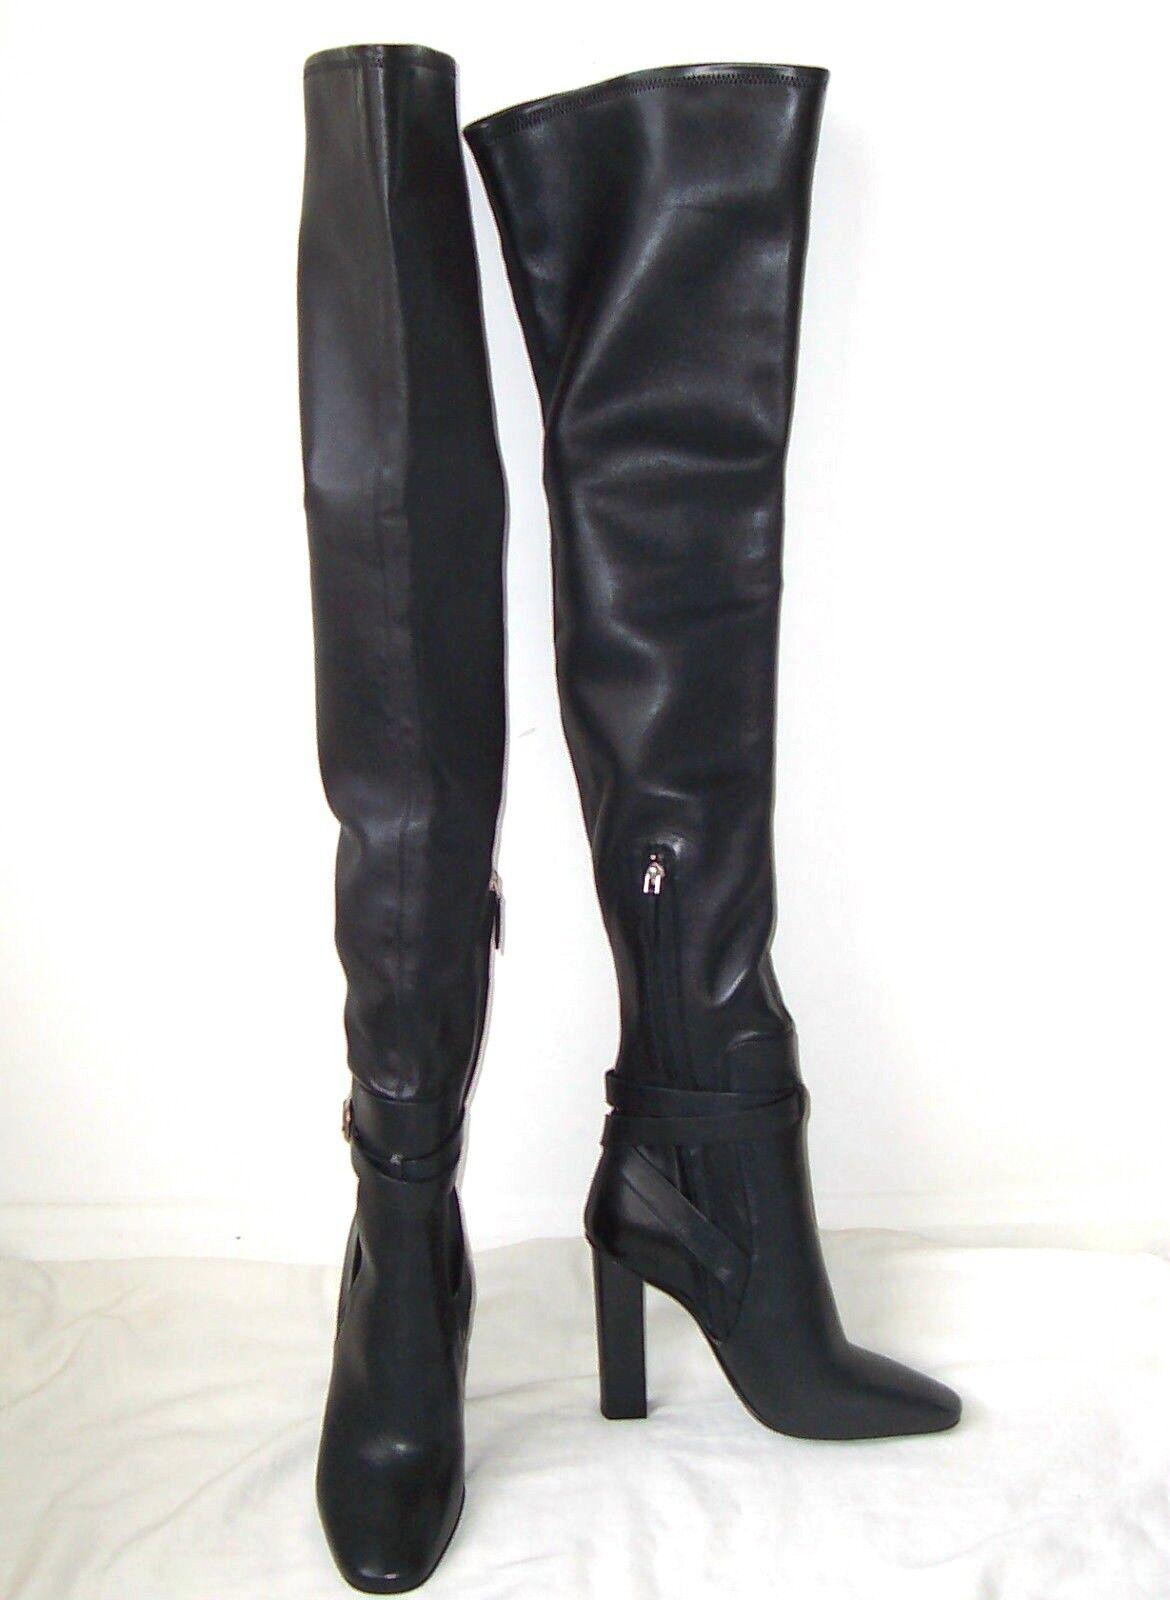 Emilio elástico Pucci Negro botas De Cuero OTK muslo elástico Emilio 40 10 479a8b